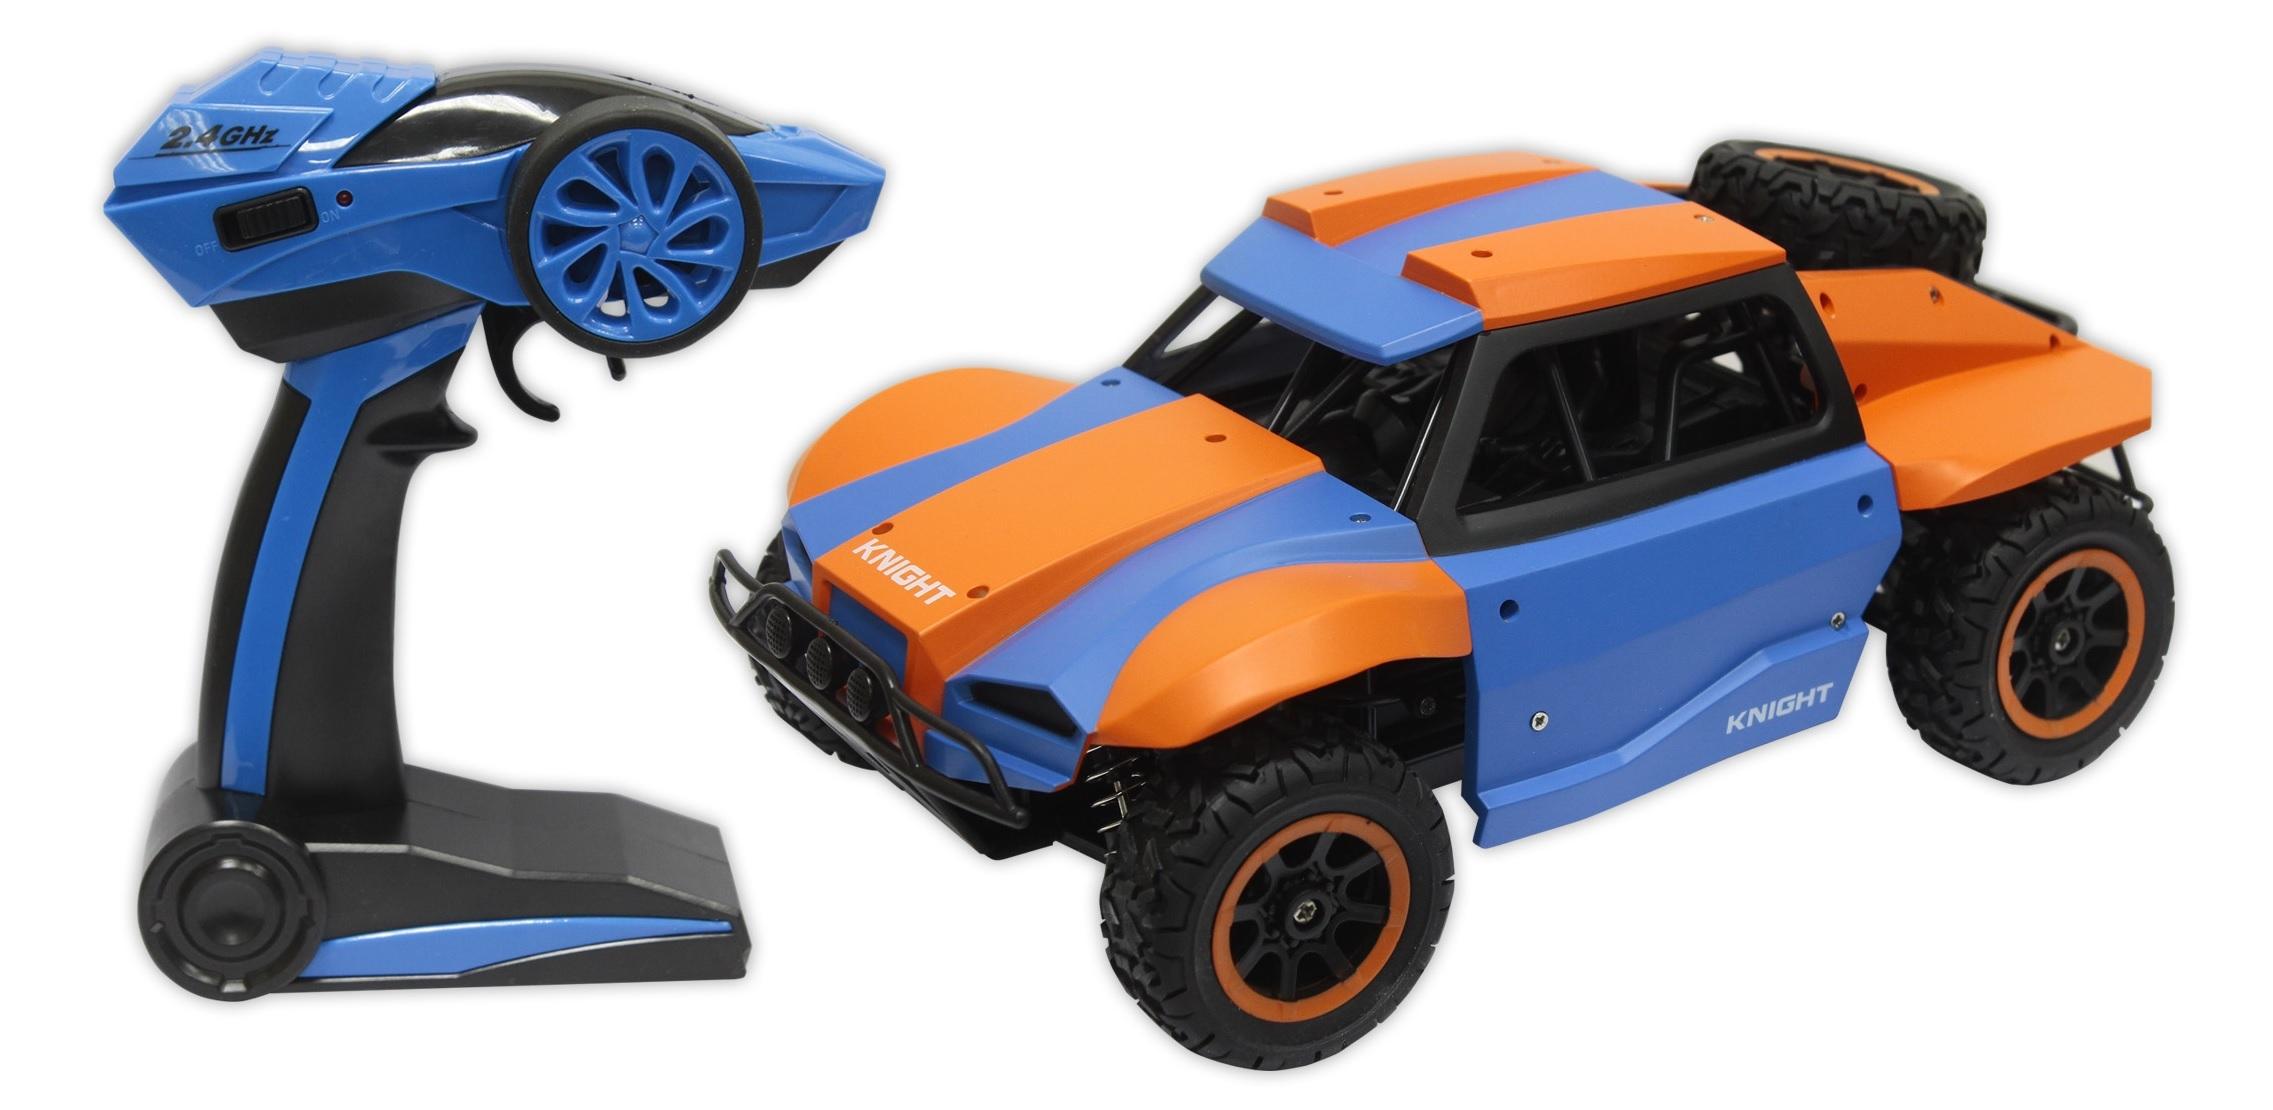 Машина 1toy Драйв. Раллийная Т10969 машинка на радиоуправлении 1toy раллийная машина на р у пластик оранжевый